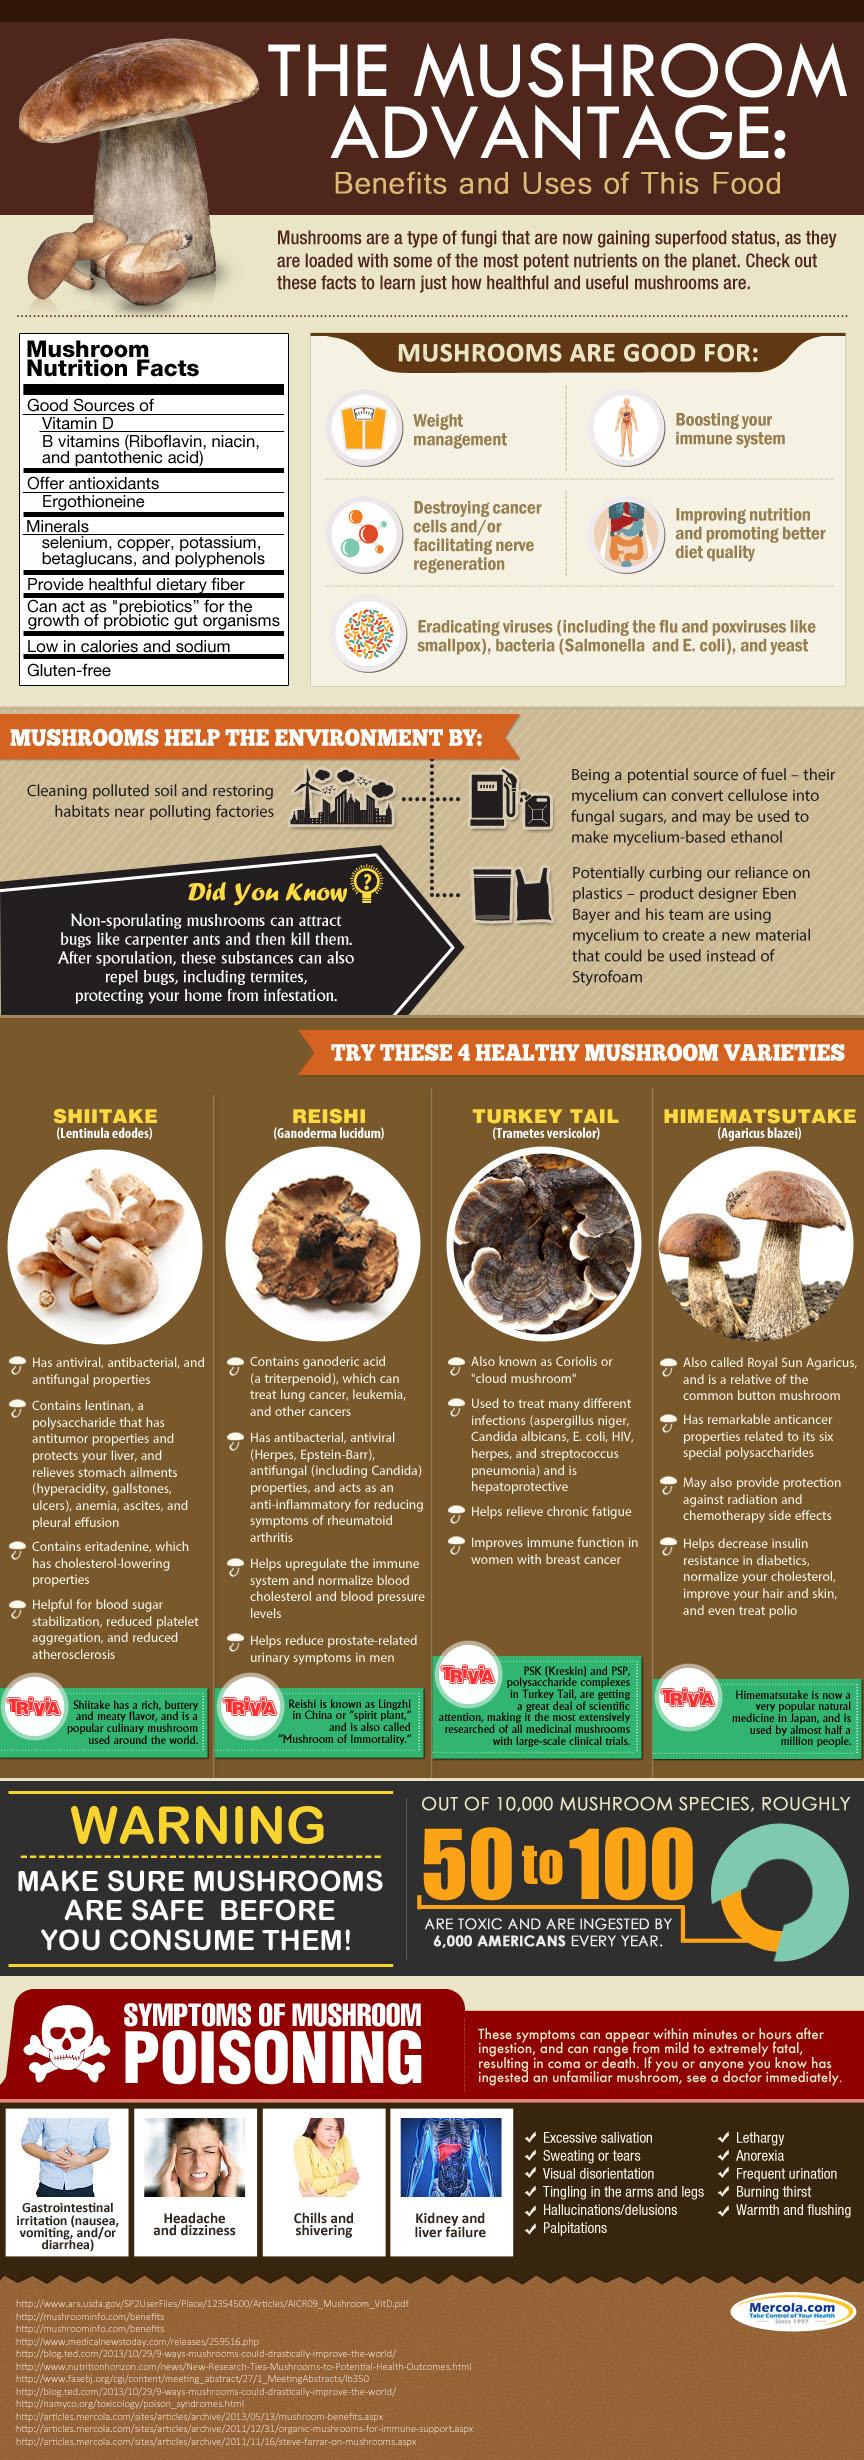 The Mushroom Advantage